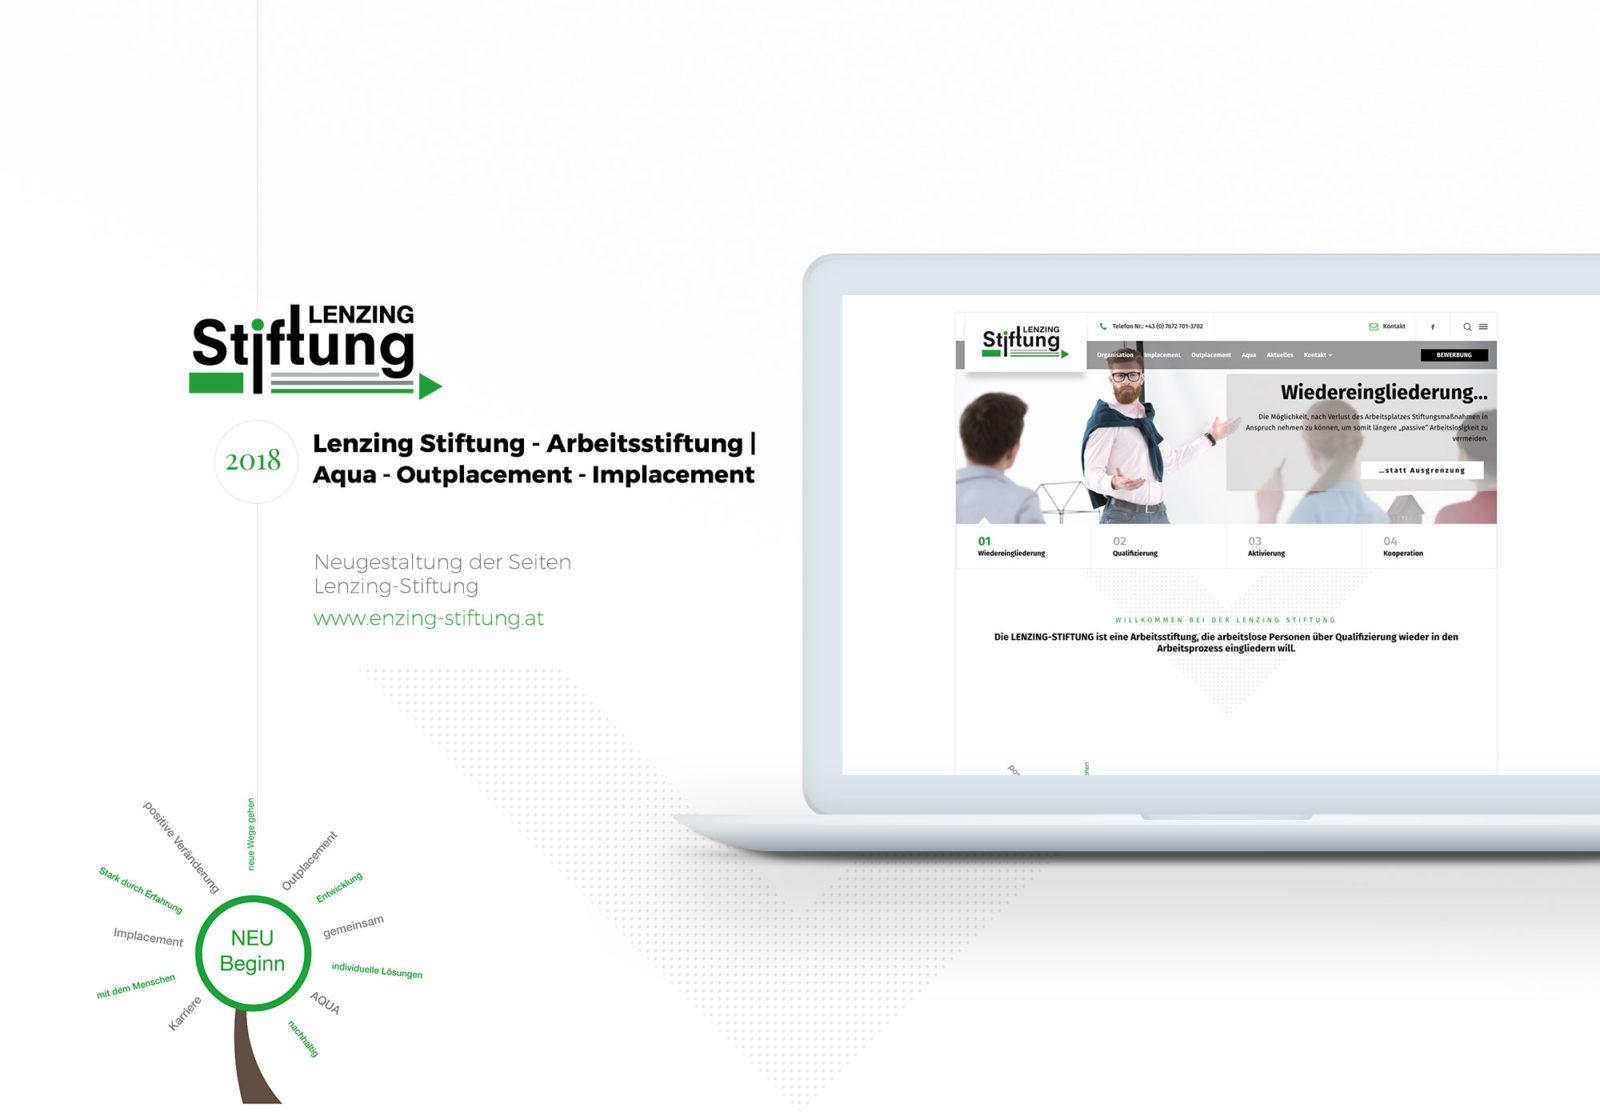 Webdesign für Kunde Lenzing-Stiftung - 2018